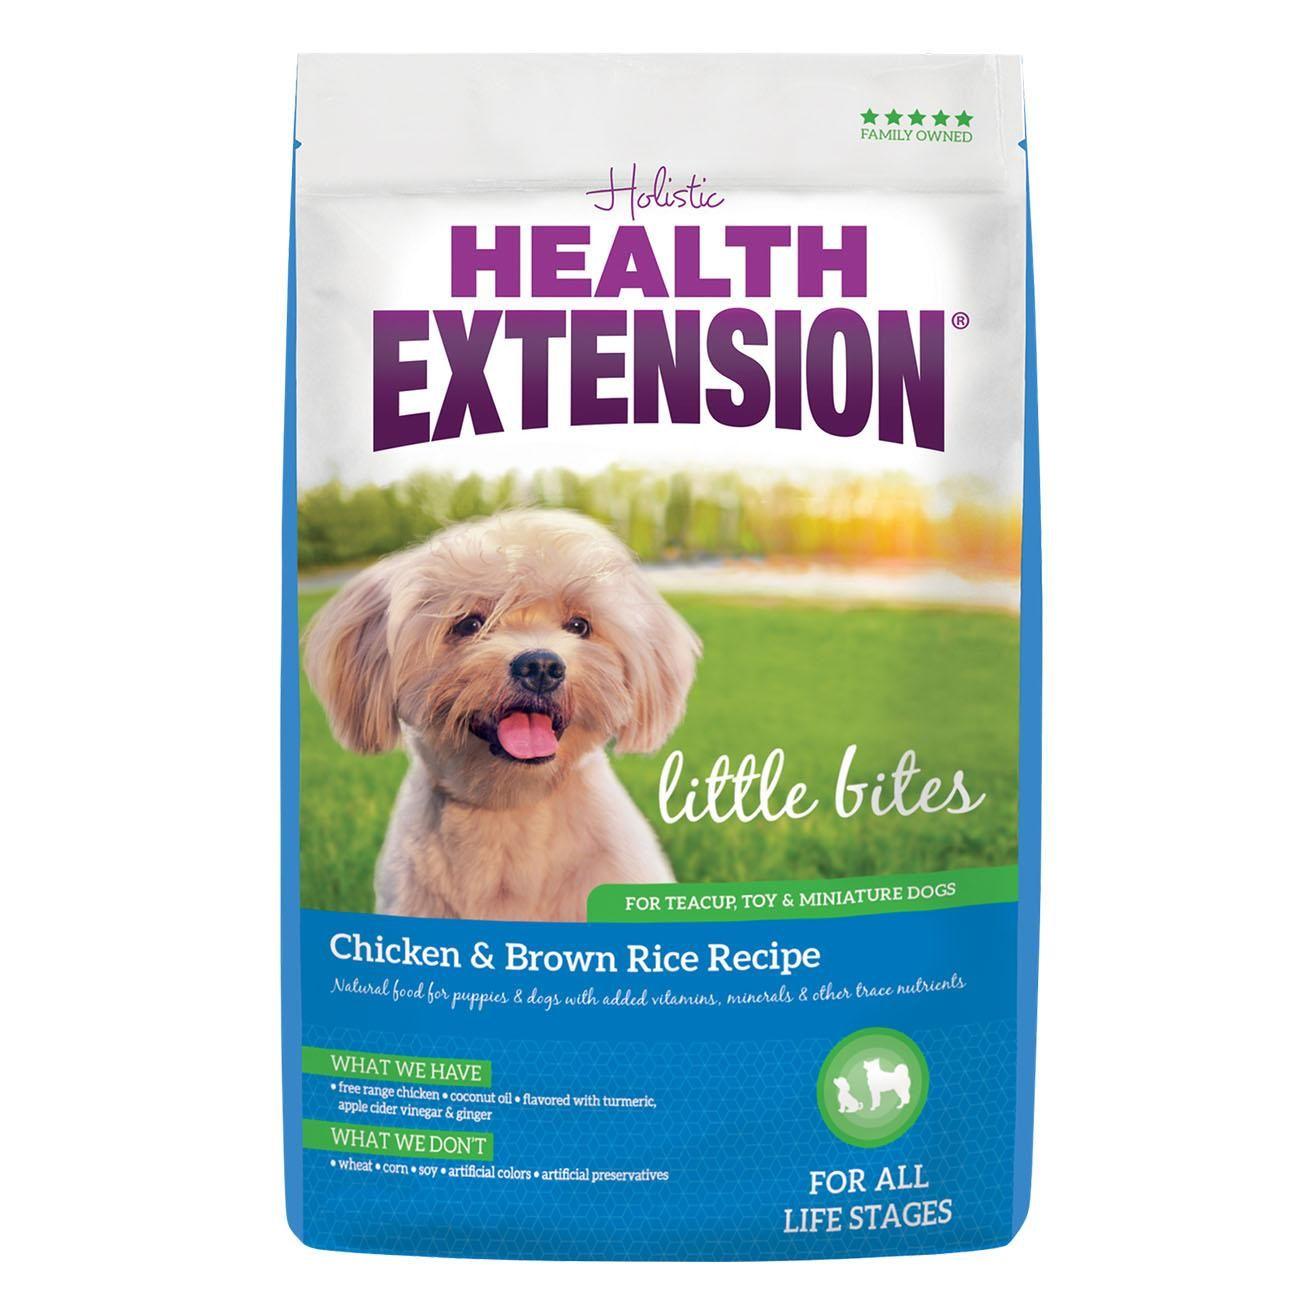 Health Extension Little Bites Chicken Brown Rice Recipe Dry Dog Food In 2020 Brown Rice Recipes Chicken And Brown Rice Dog Food Recipes